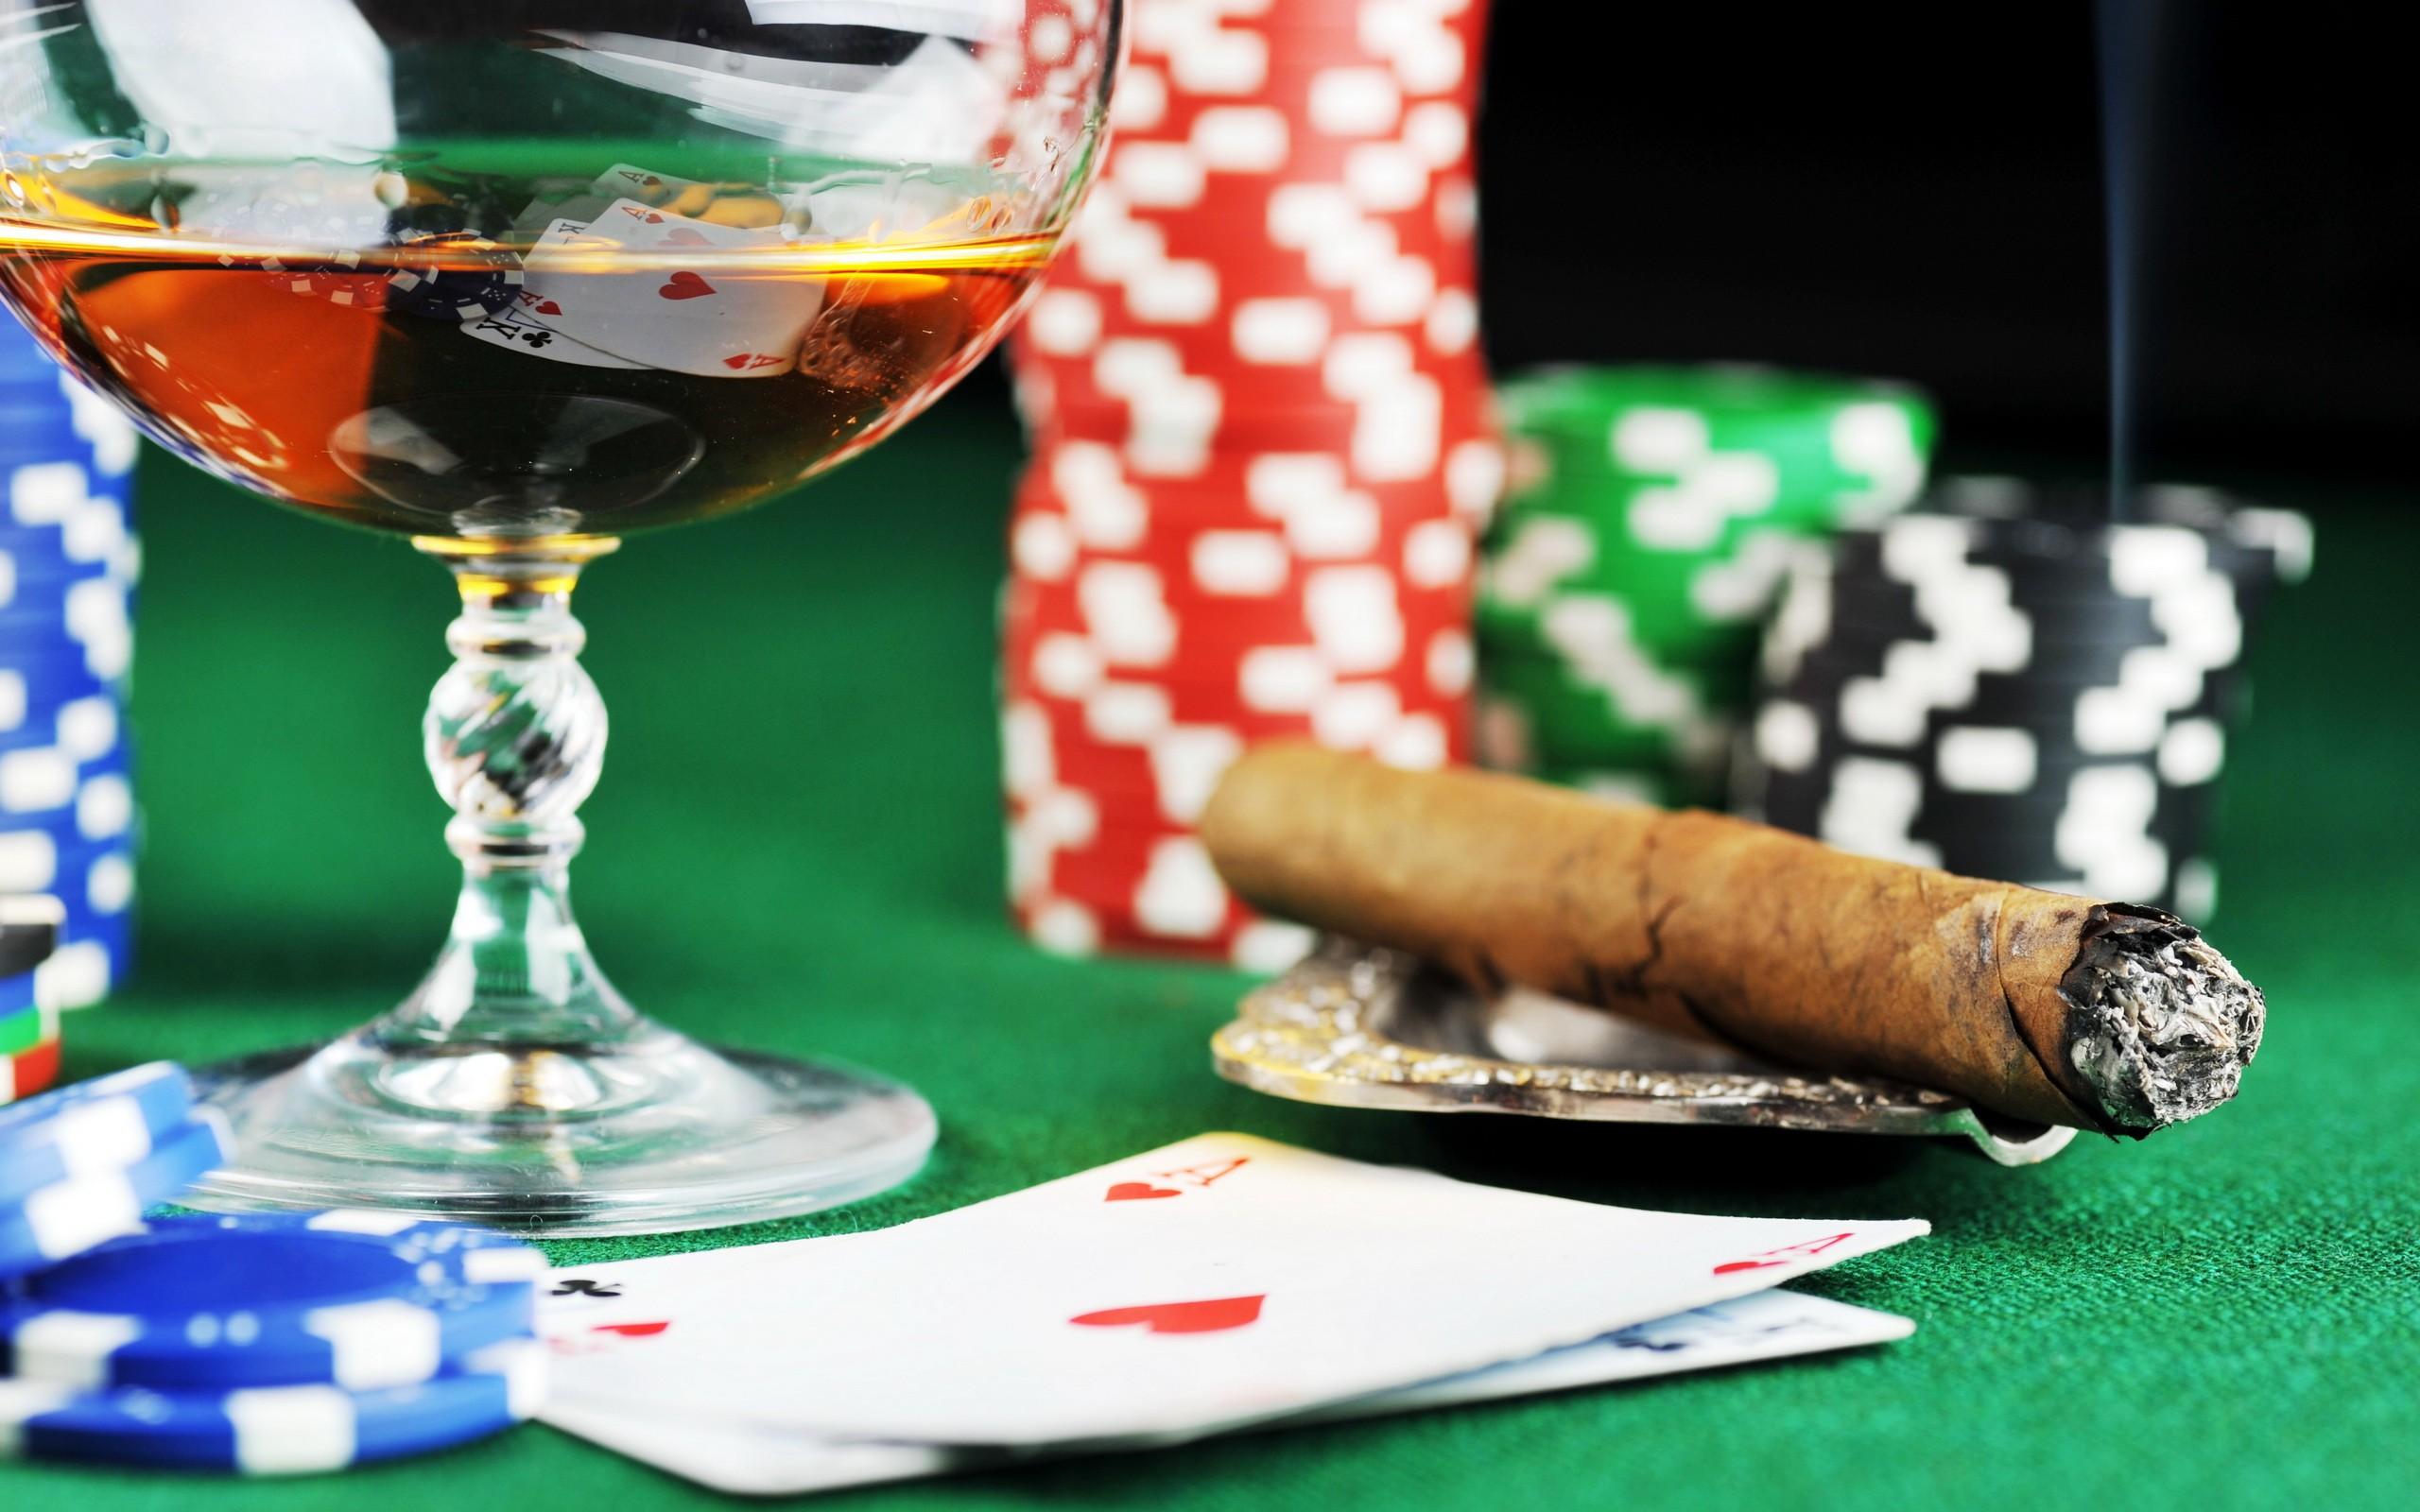 Техническая безопасность и система выигрыша в покер